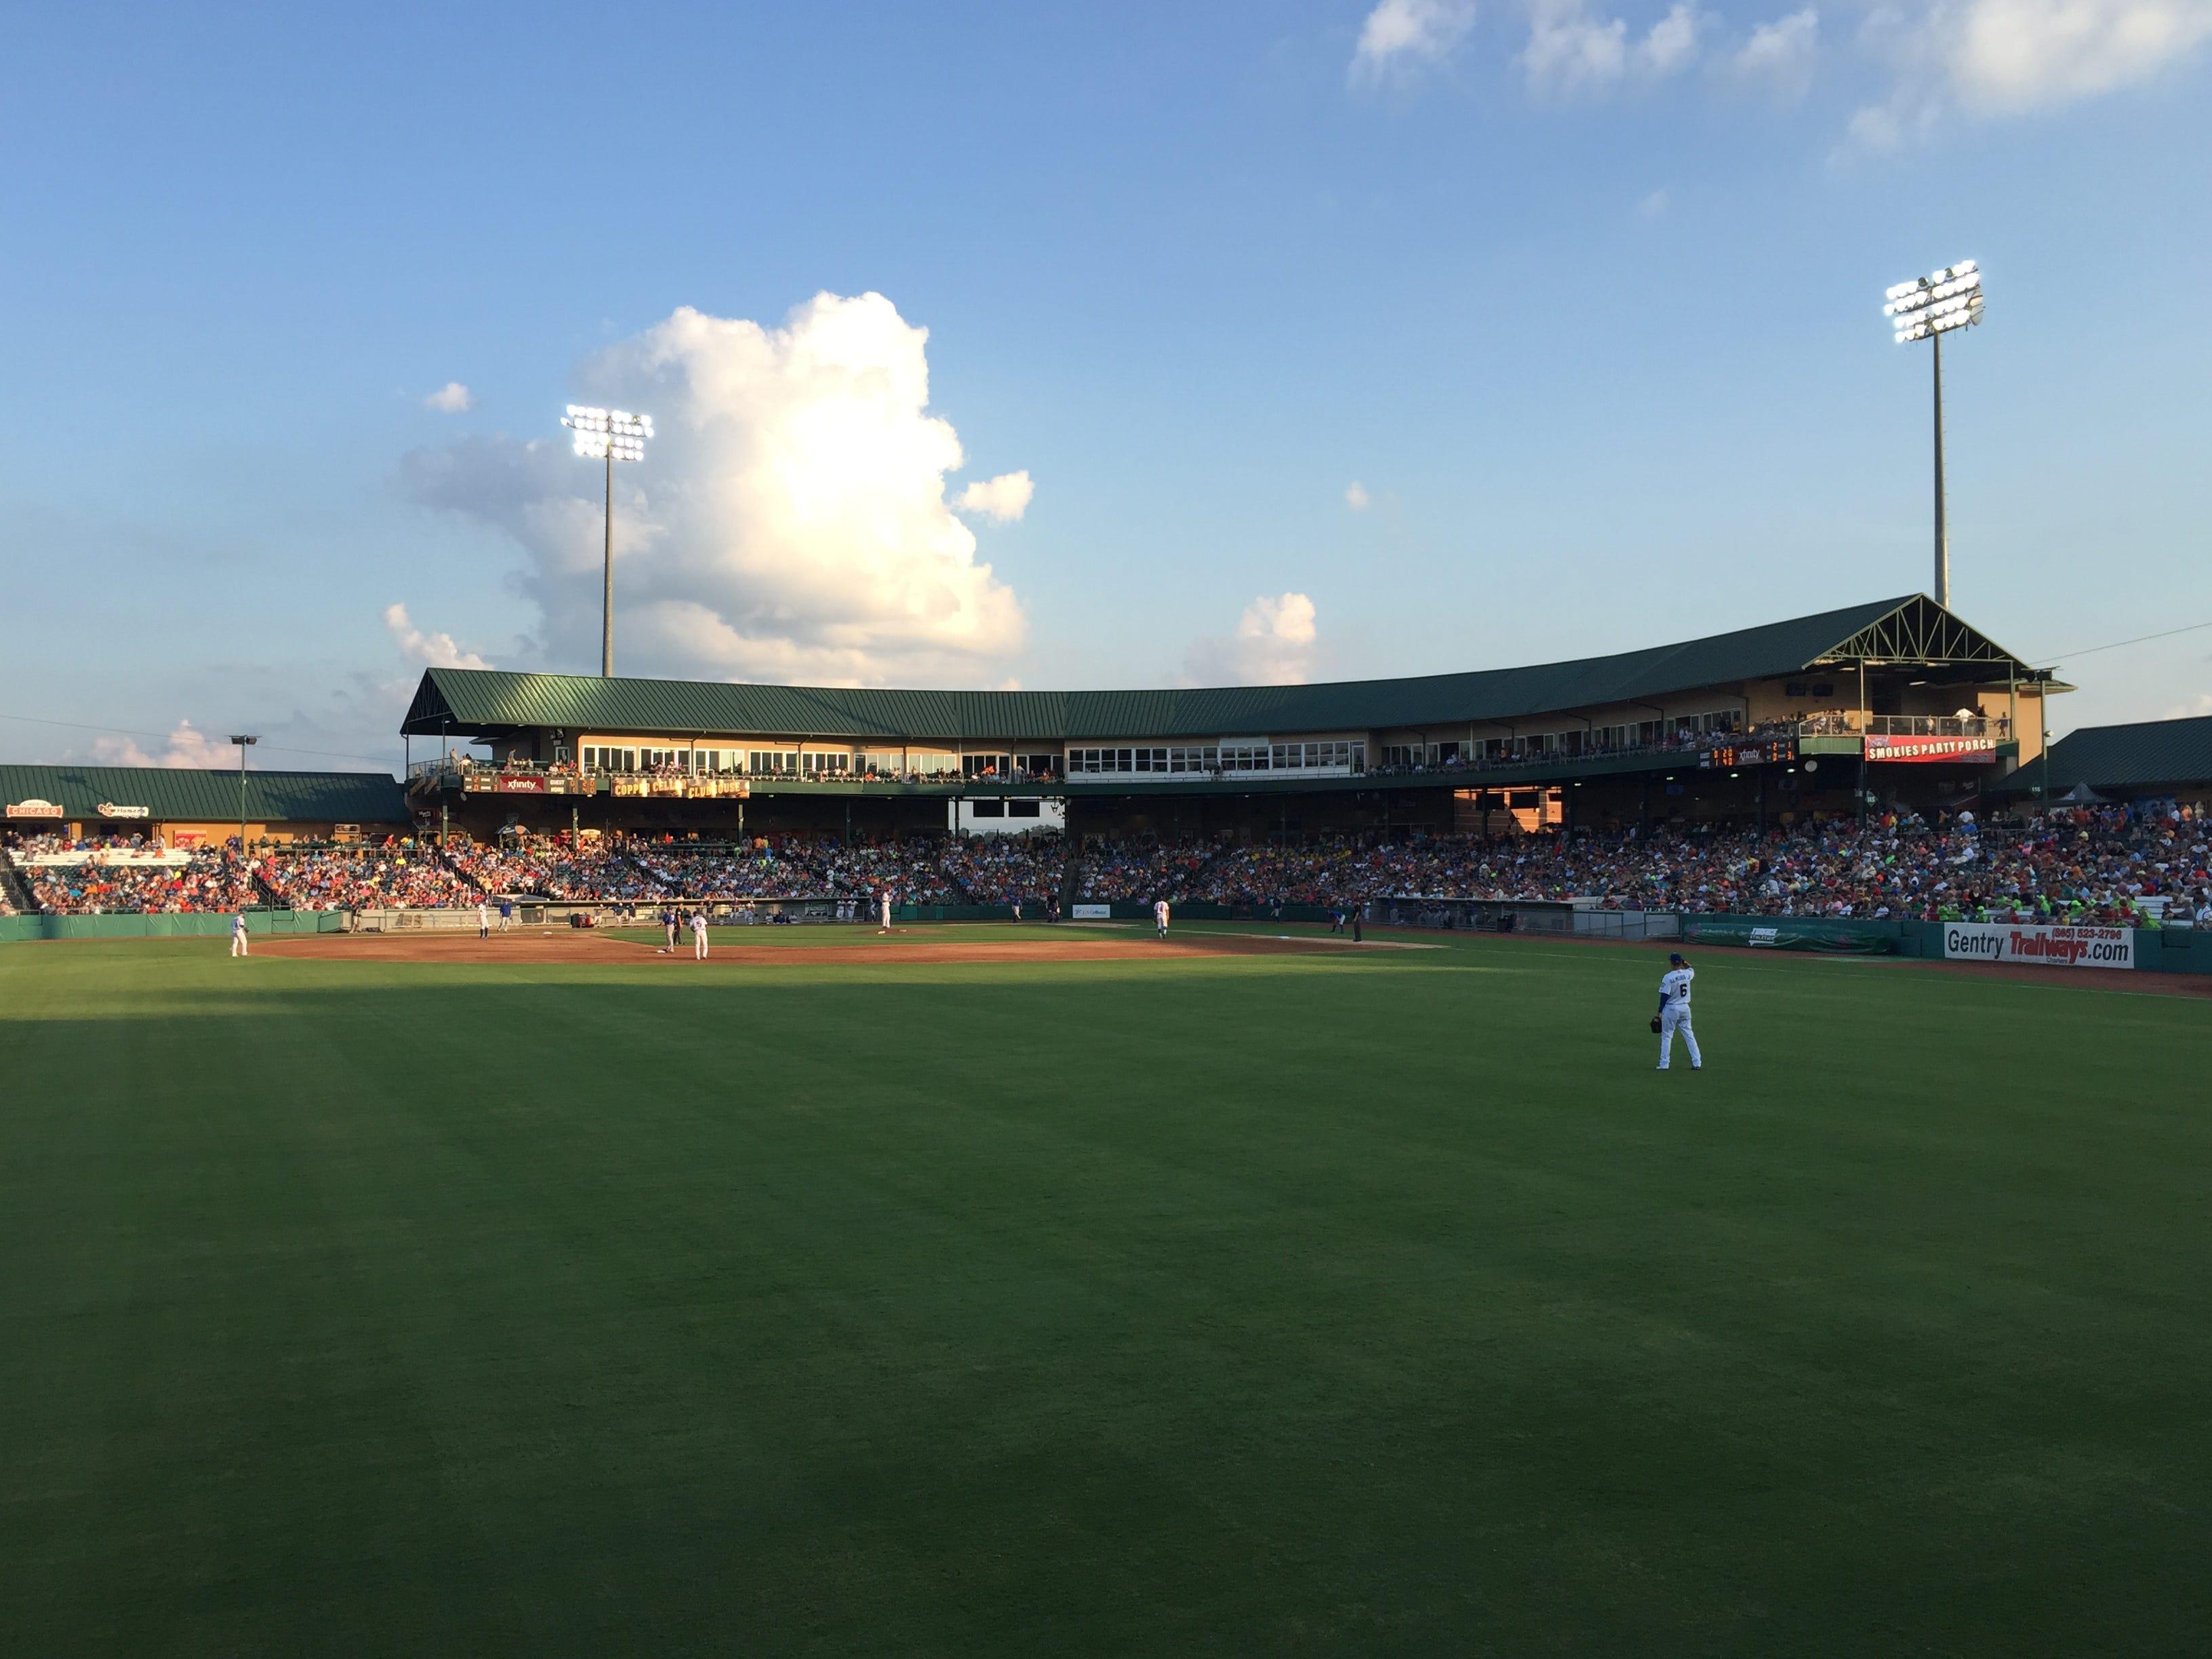 The Tennessee Smokies drew a single-game record crowd of 7,866 on Friday night at Smokies Stadium.